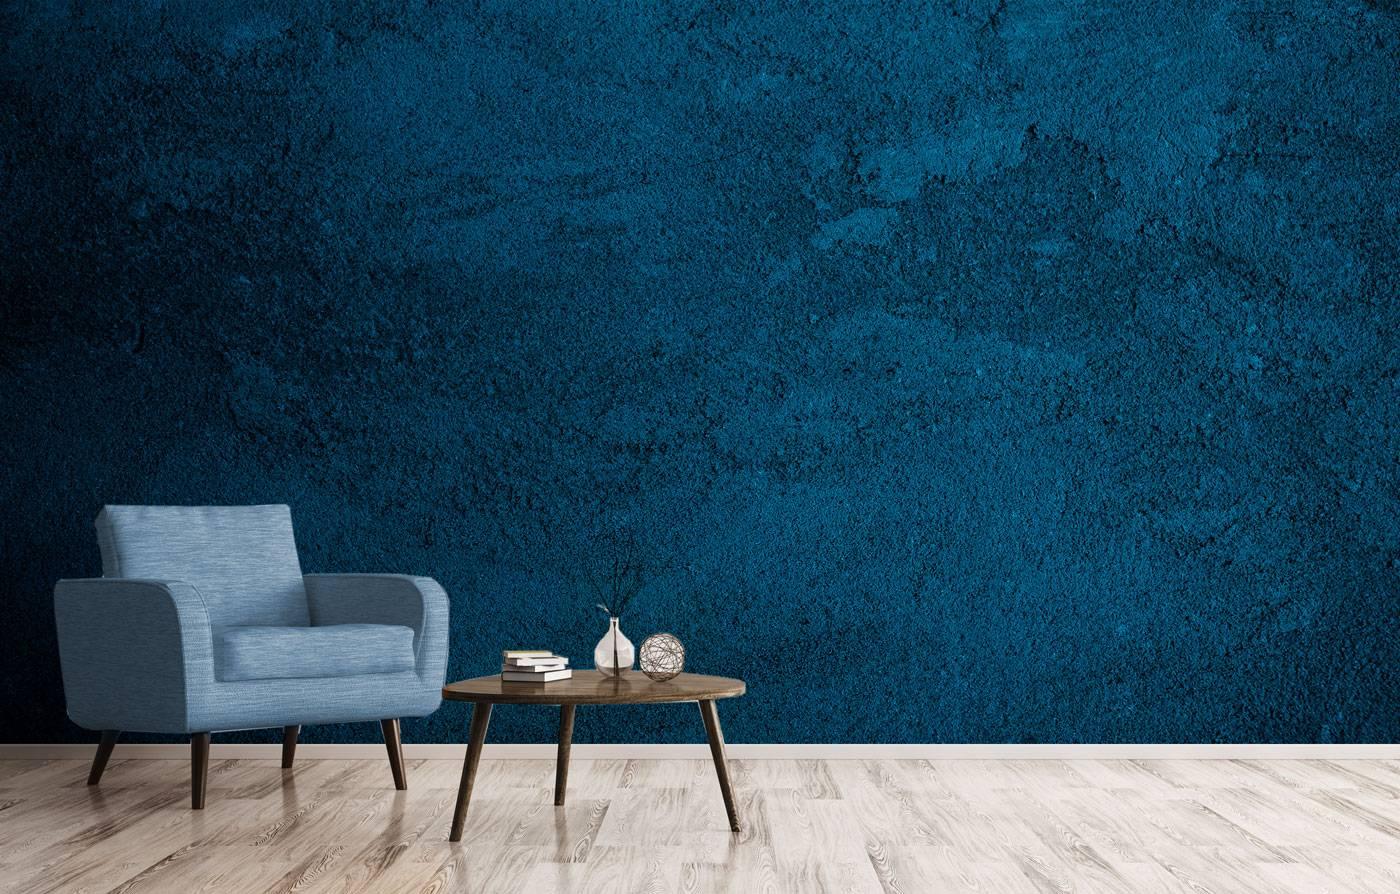 טפט קיר בטון כחול כהה משופשף